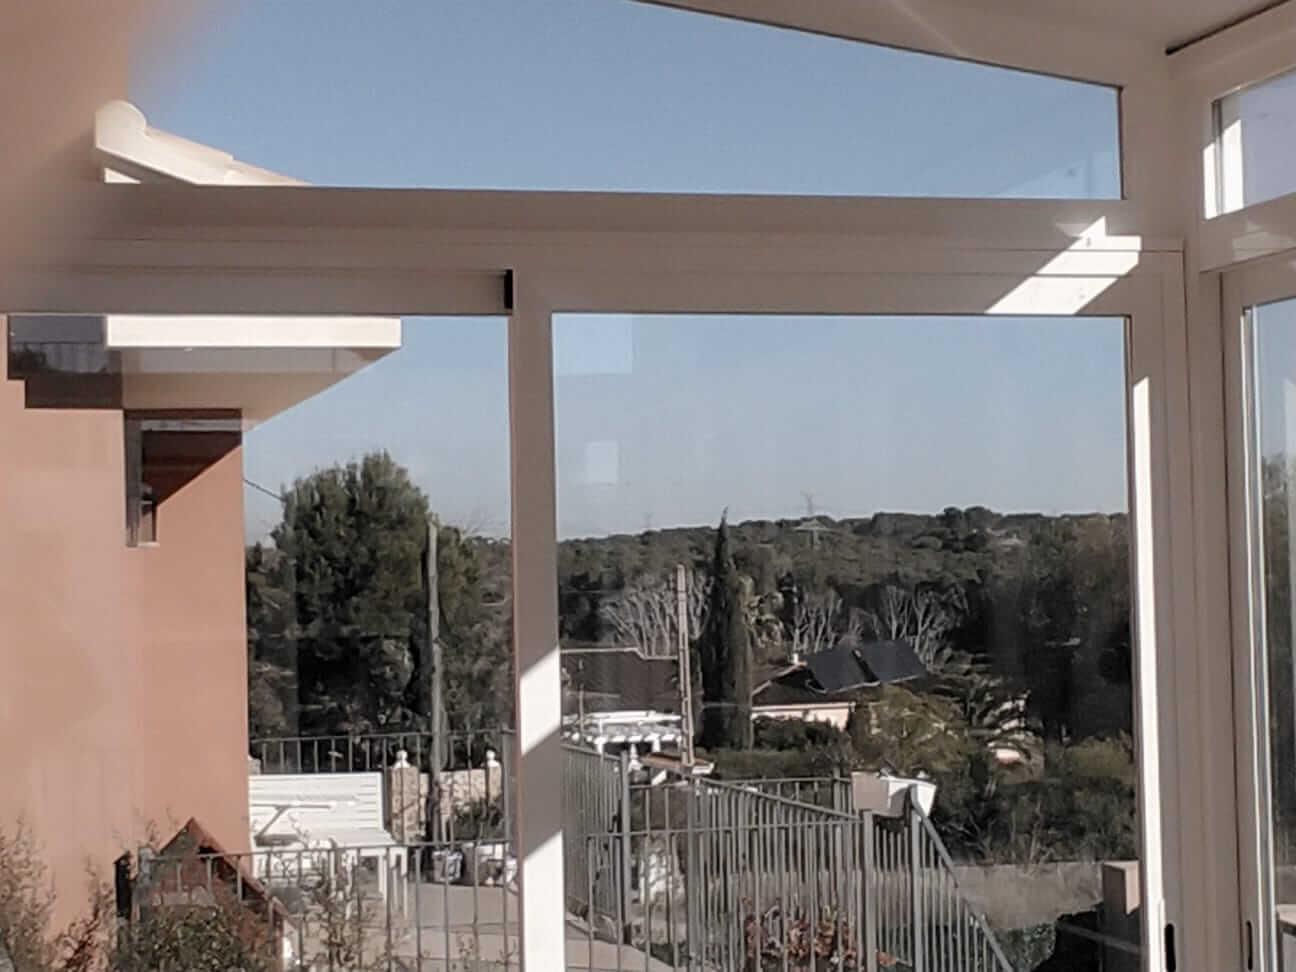 Cerramiento de cristal en balcón exterior de casa unifamiliar. Vista desde el interior de la vivienda